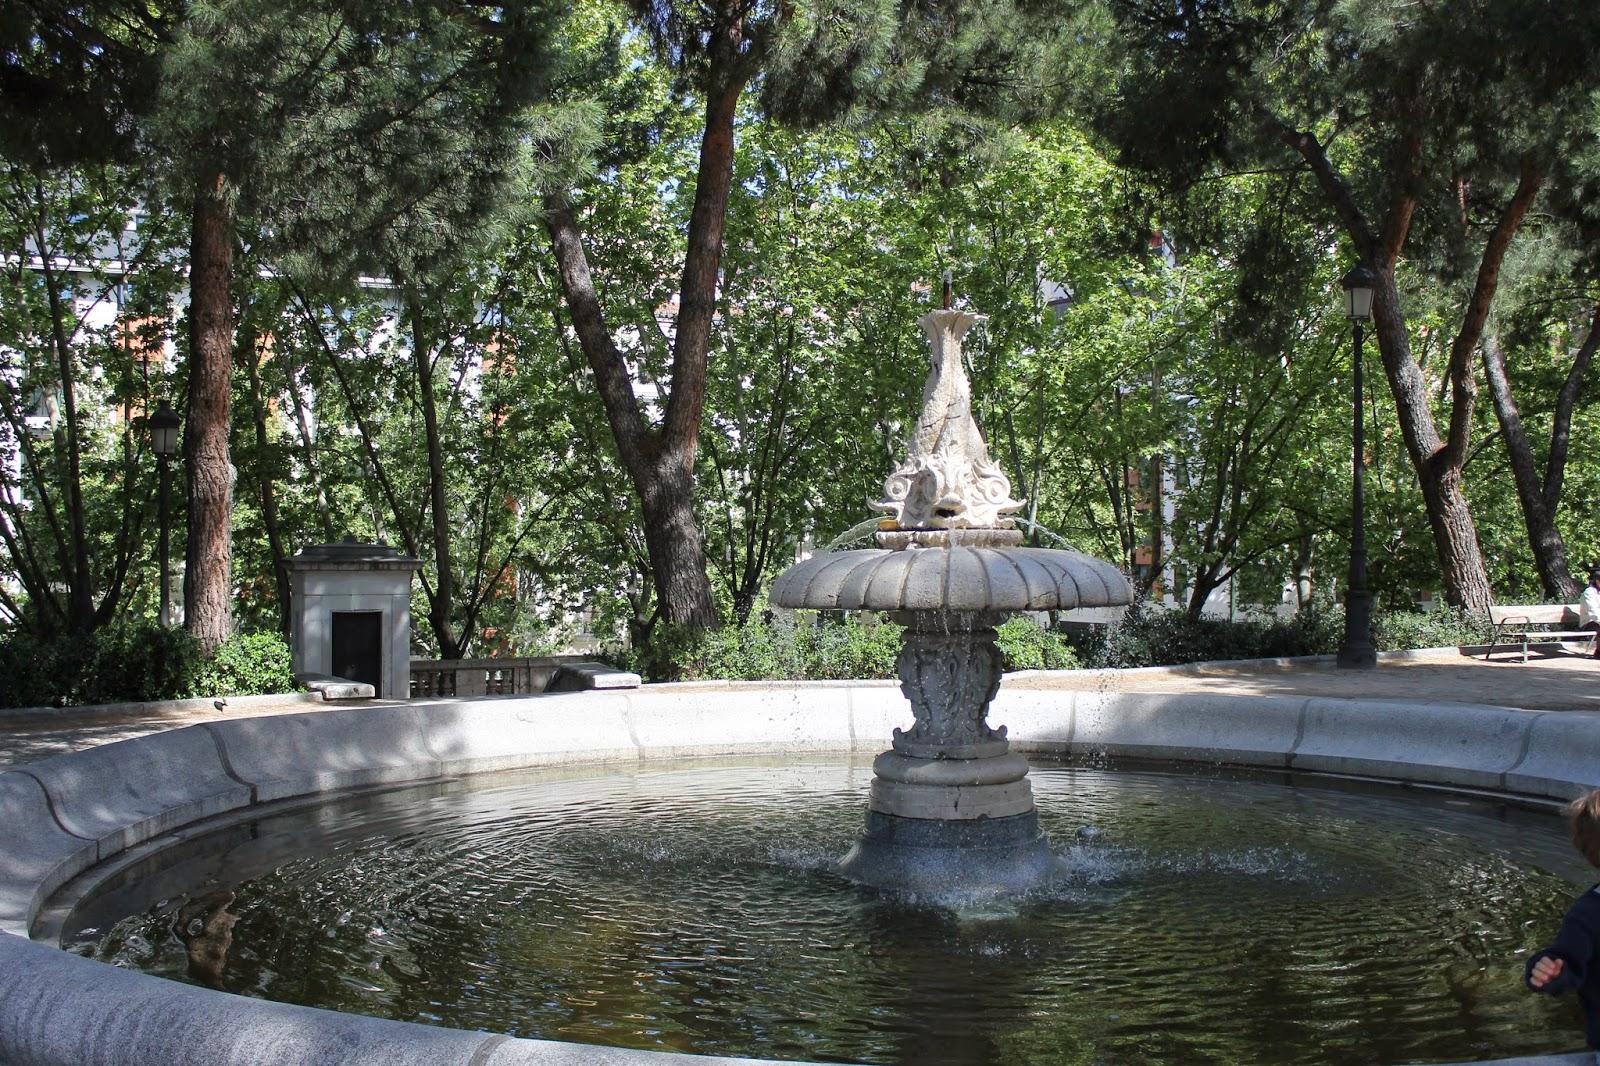 Jardines de sabatini manuelblas madrid for Jardines sabatini